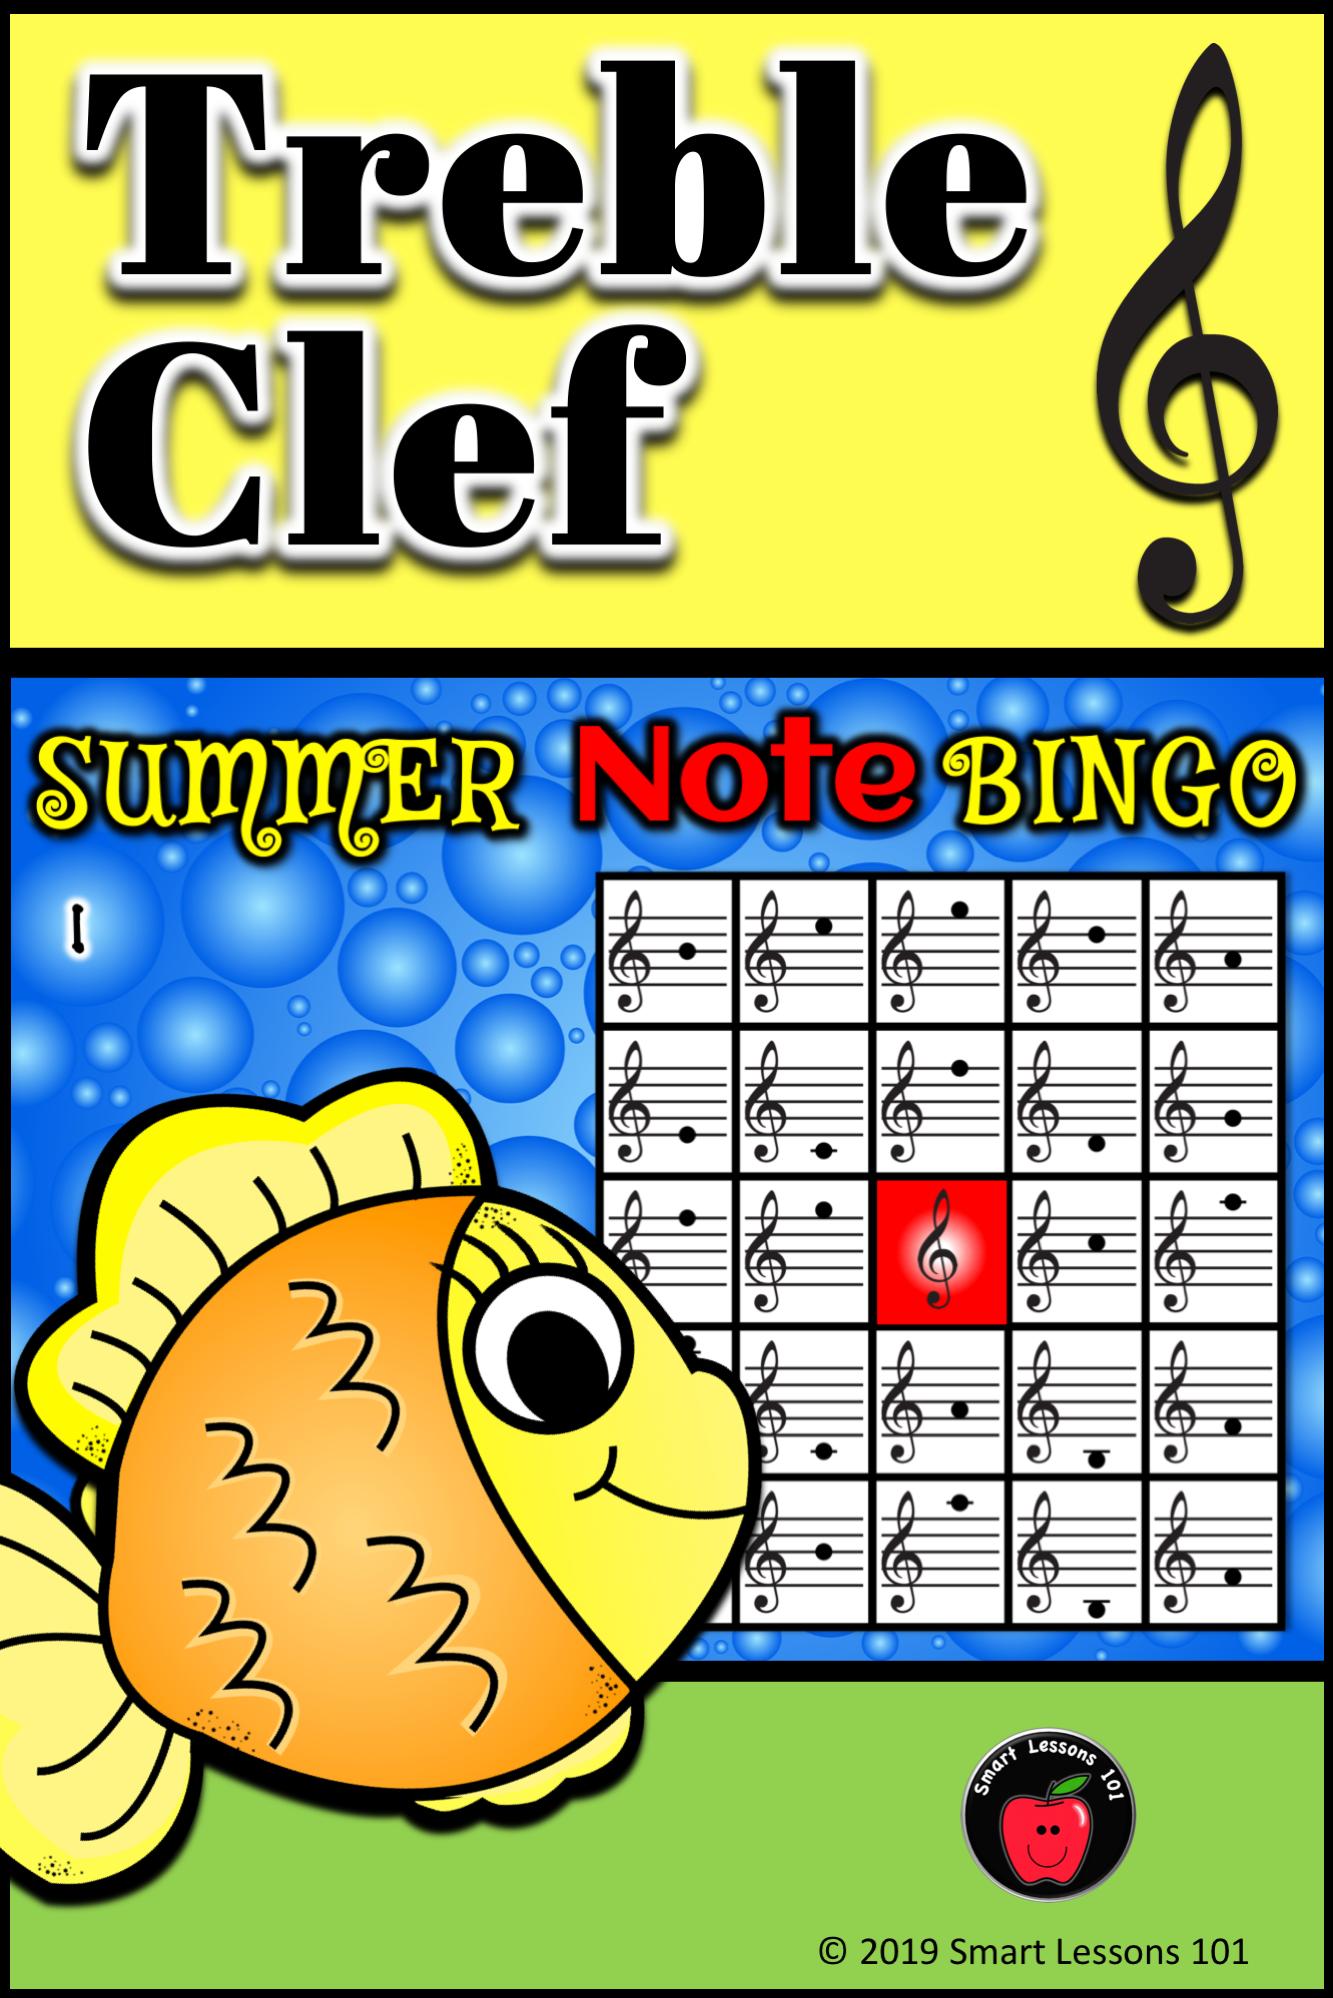 Summer Treble Clef Bingo Game Summer Music Games Note